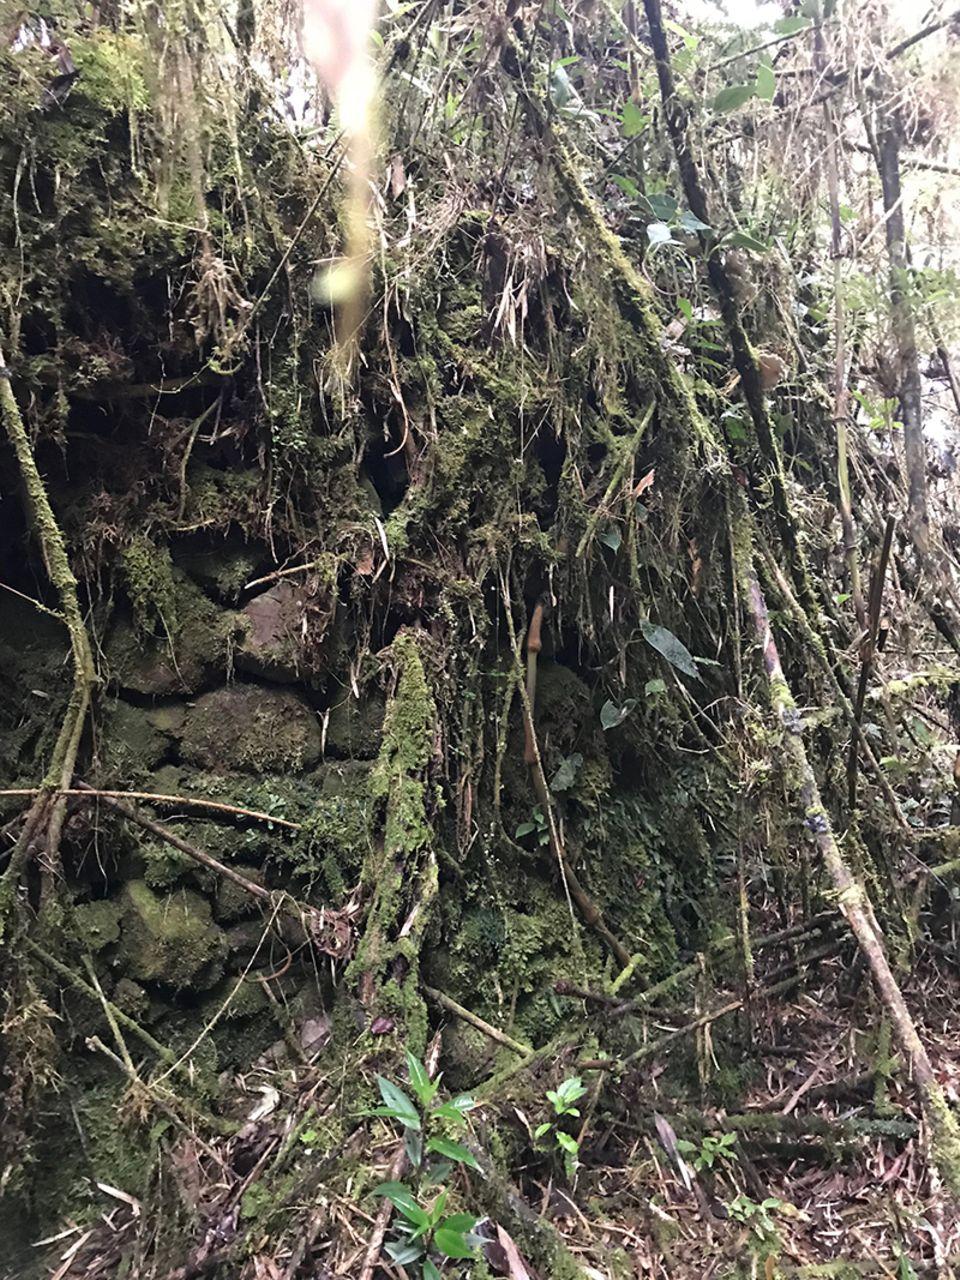 Fundstätte einer Siedlung der Chachapoya